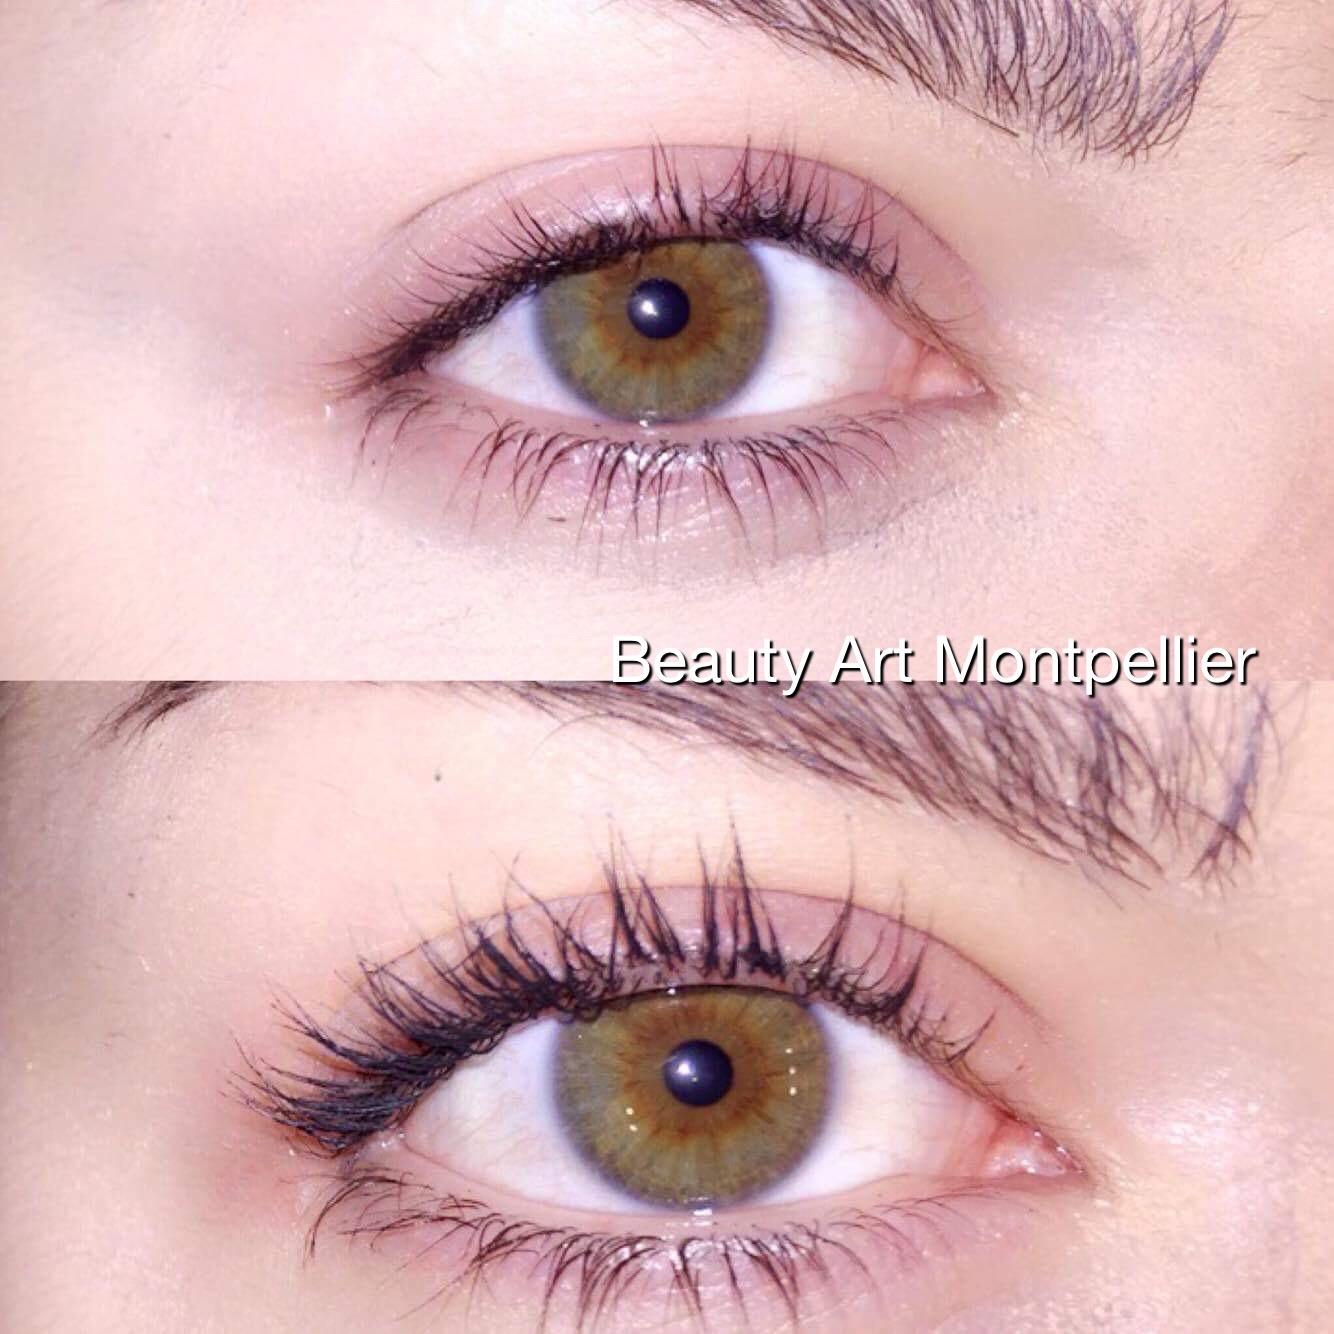 Institut de beauté à Montpellier - Extensions de cils